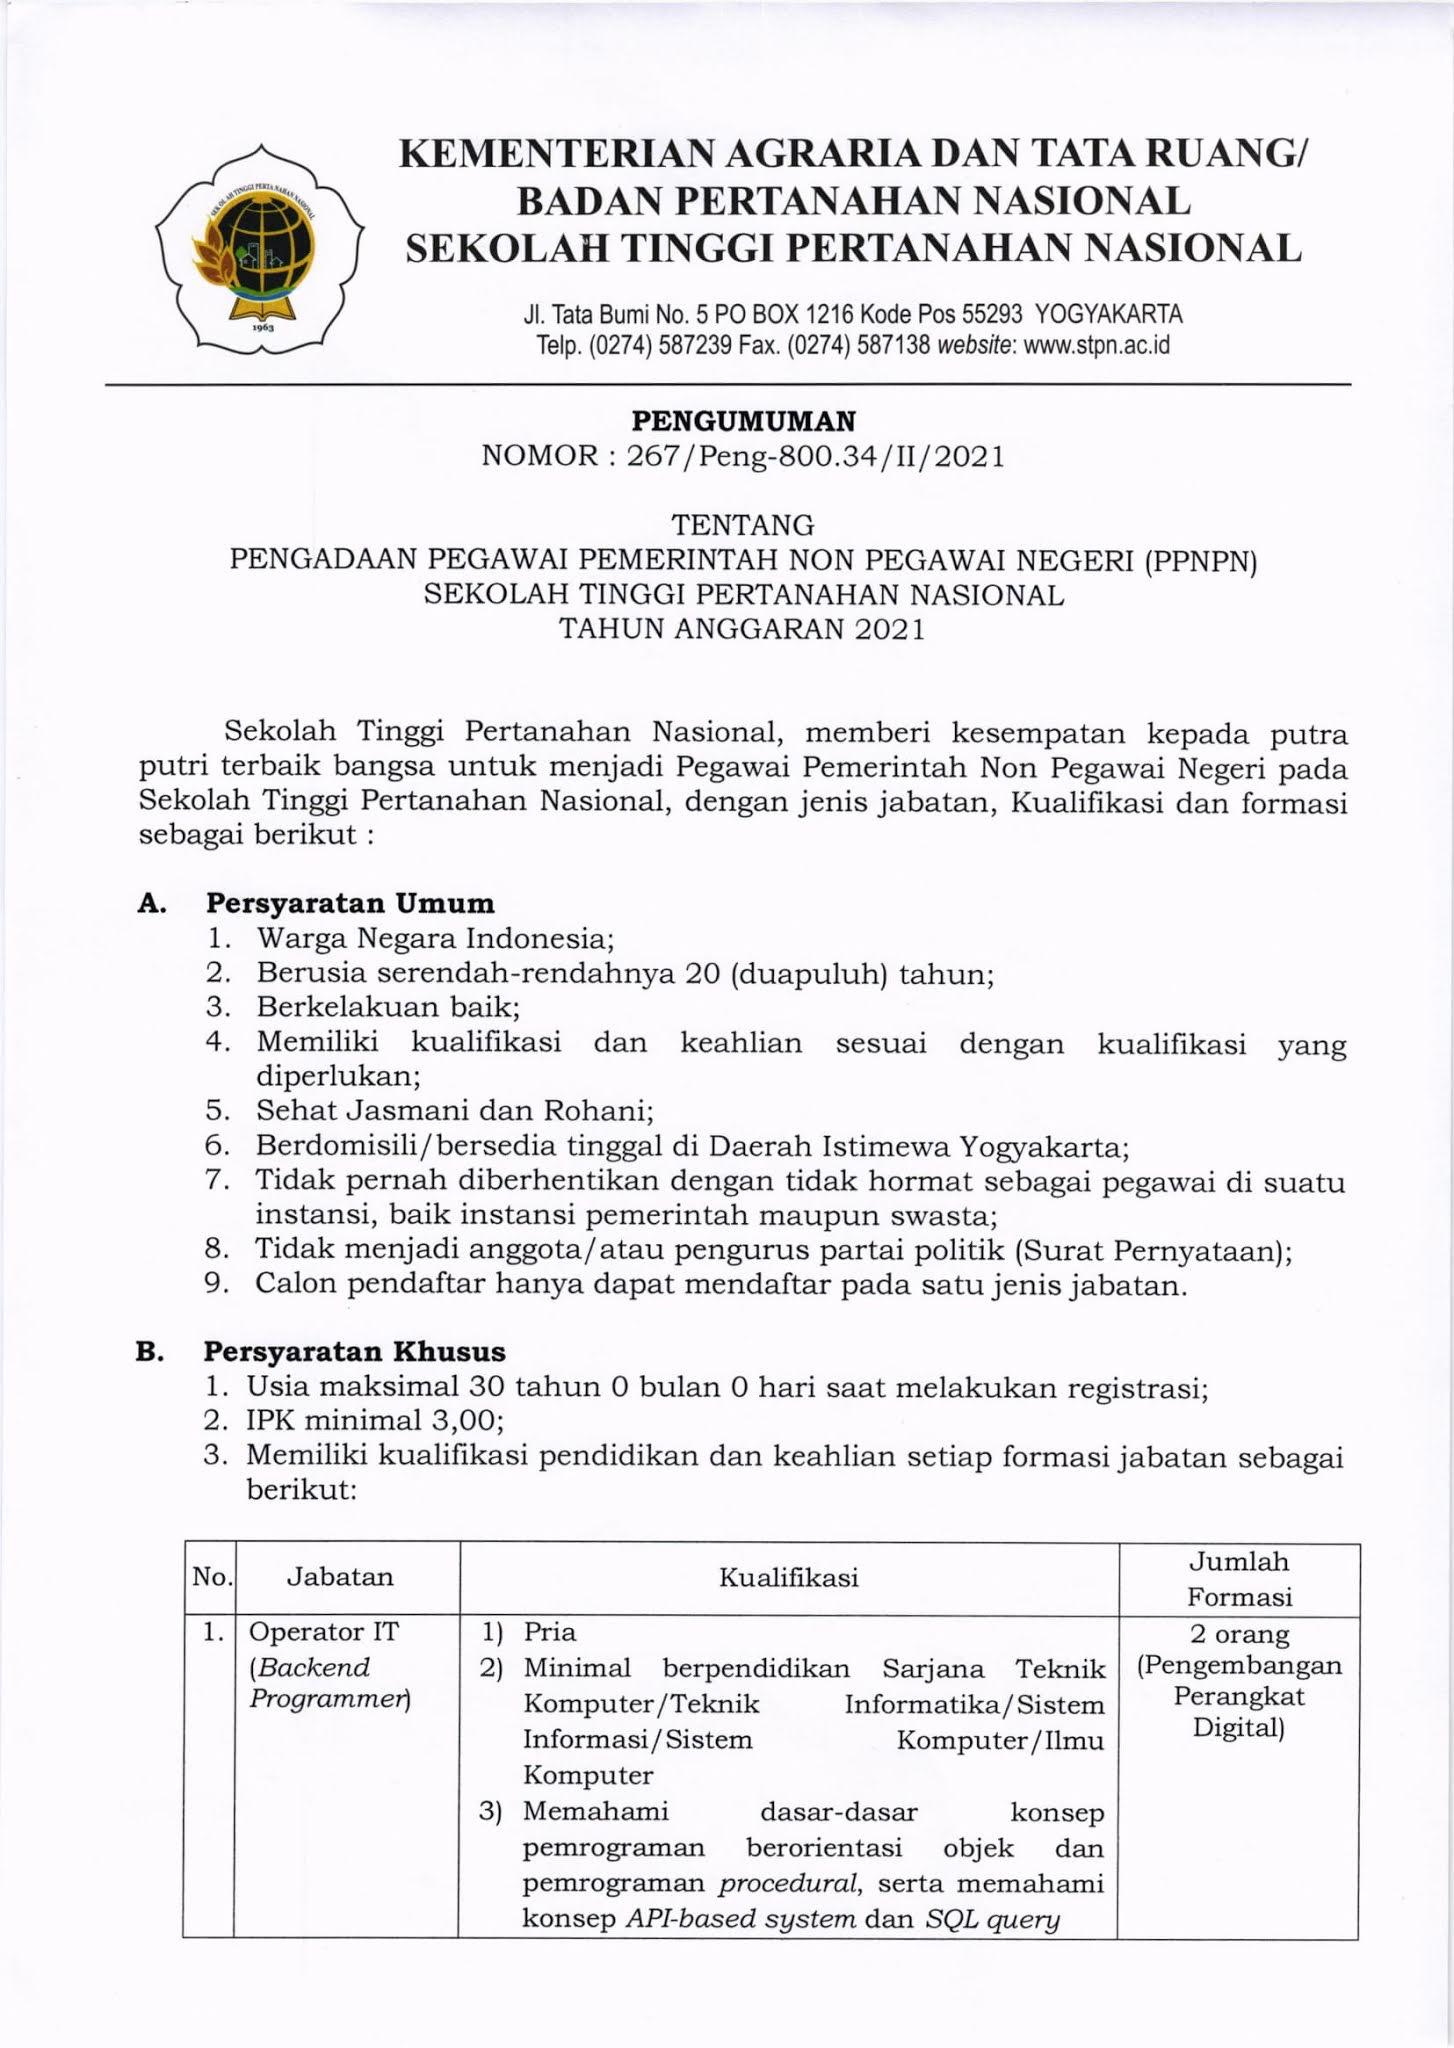 Pegawai PPNPN STPN Kementerian Agraria dan Tata Ruang Tahun Anggaran 2021